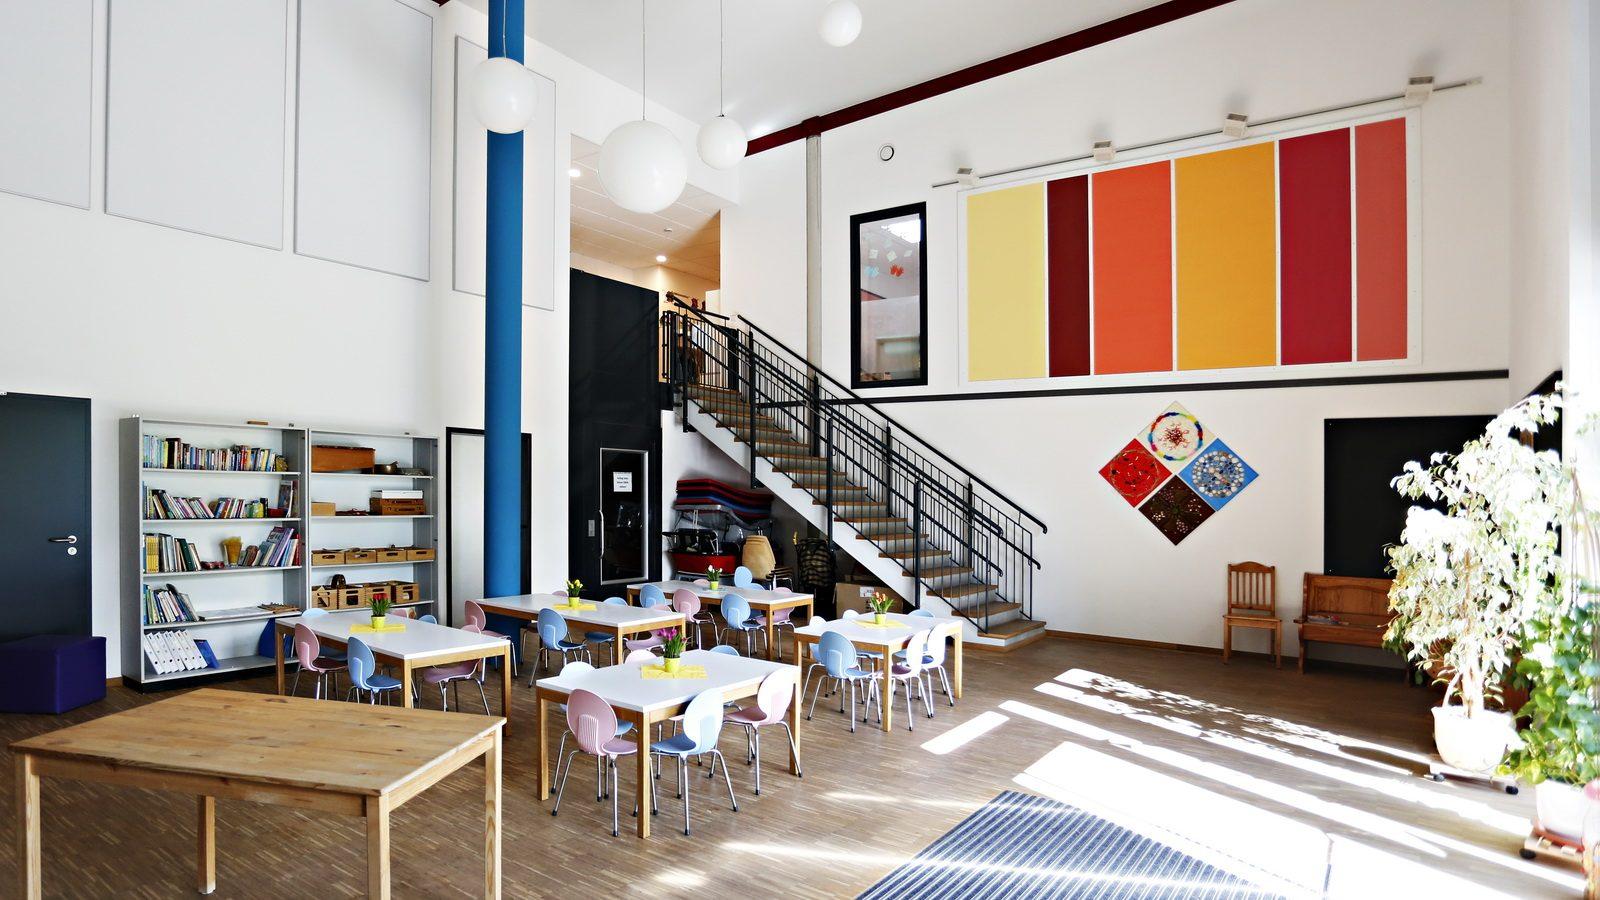 zweigeschossige Eingangshalle vom Kindergarten Guenzlhofen